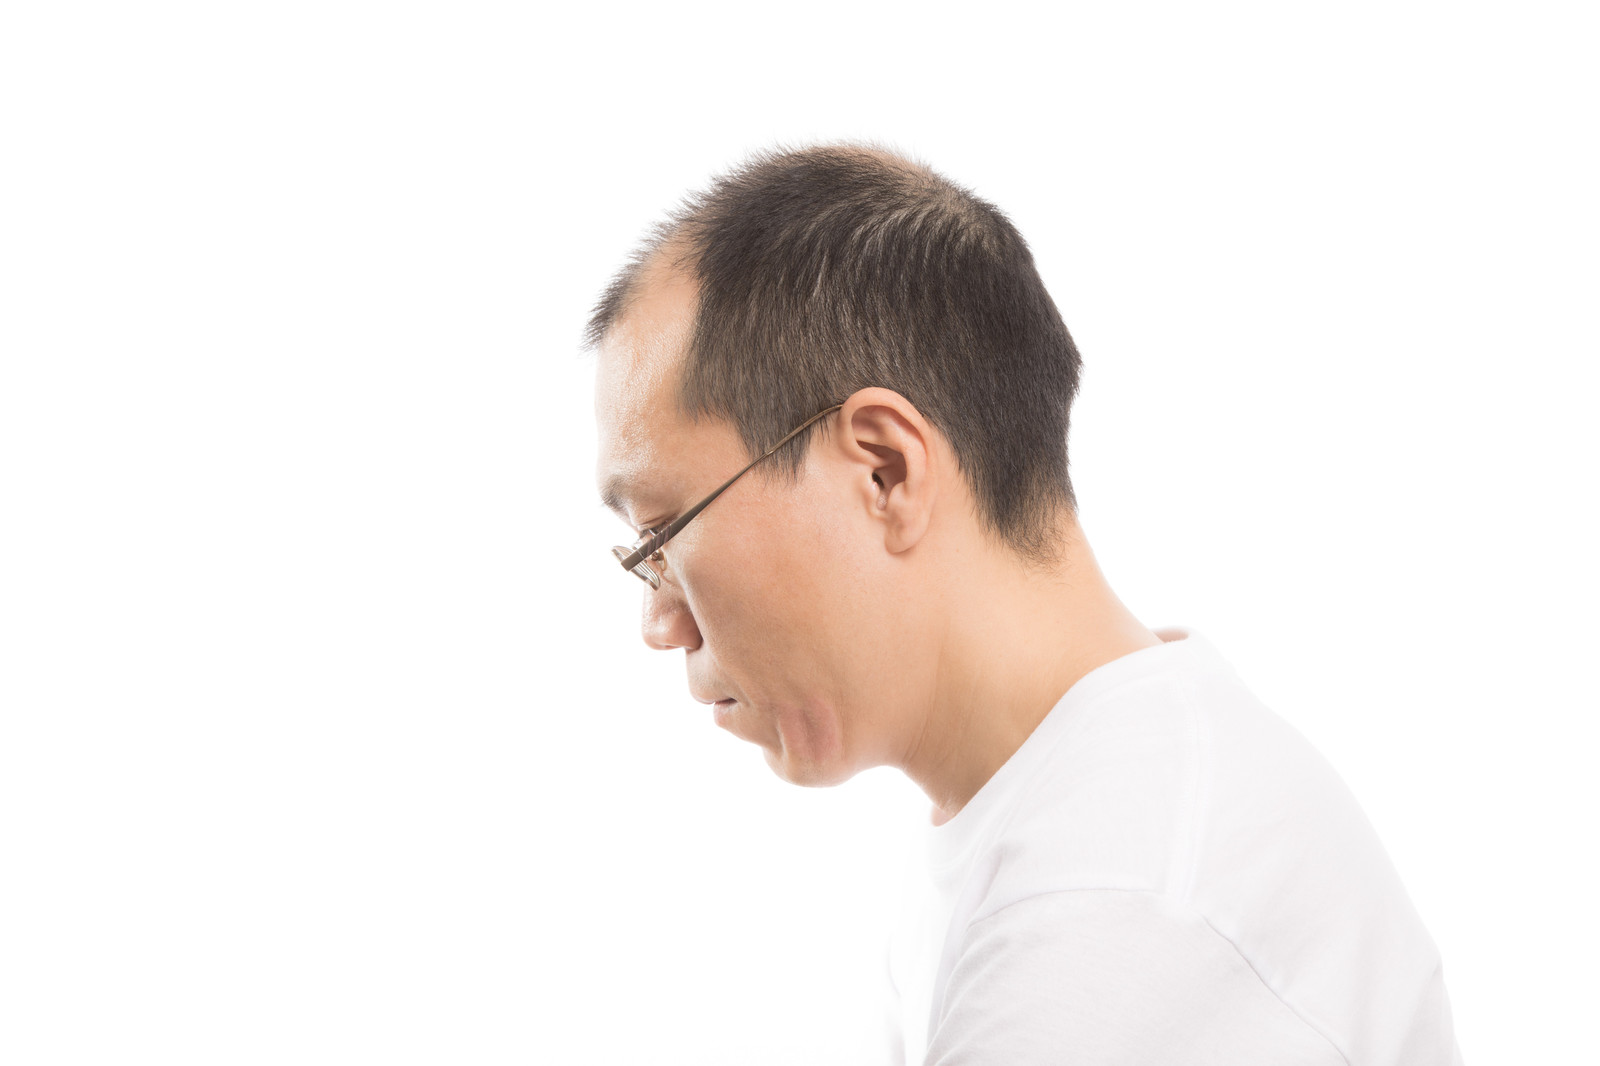 「薄毛男性の横顔」の写真[モデル:サンライズ鈴木]